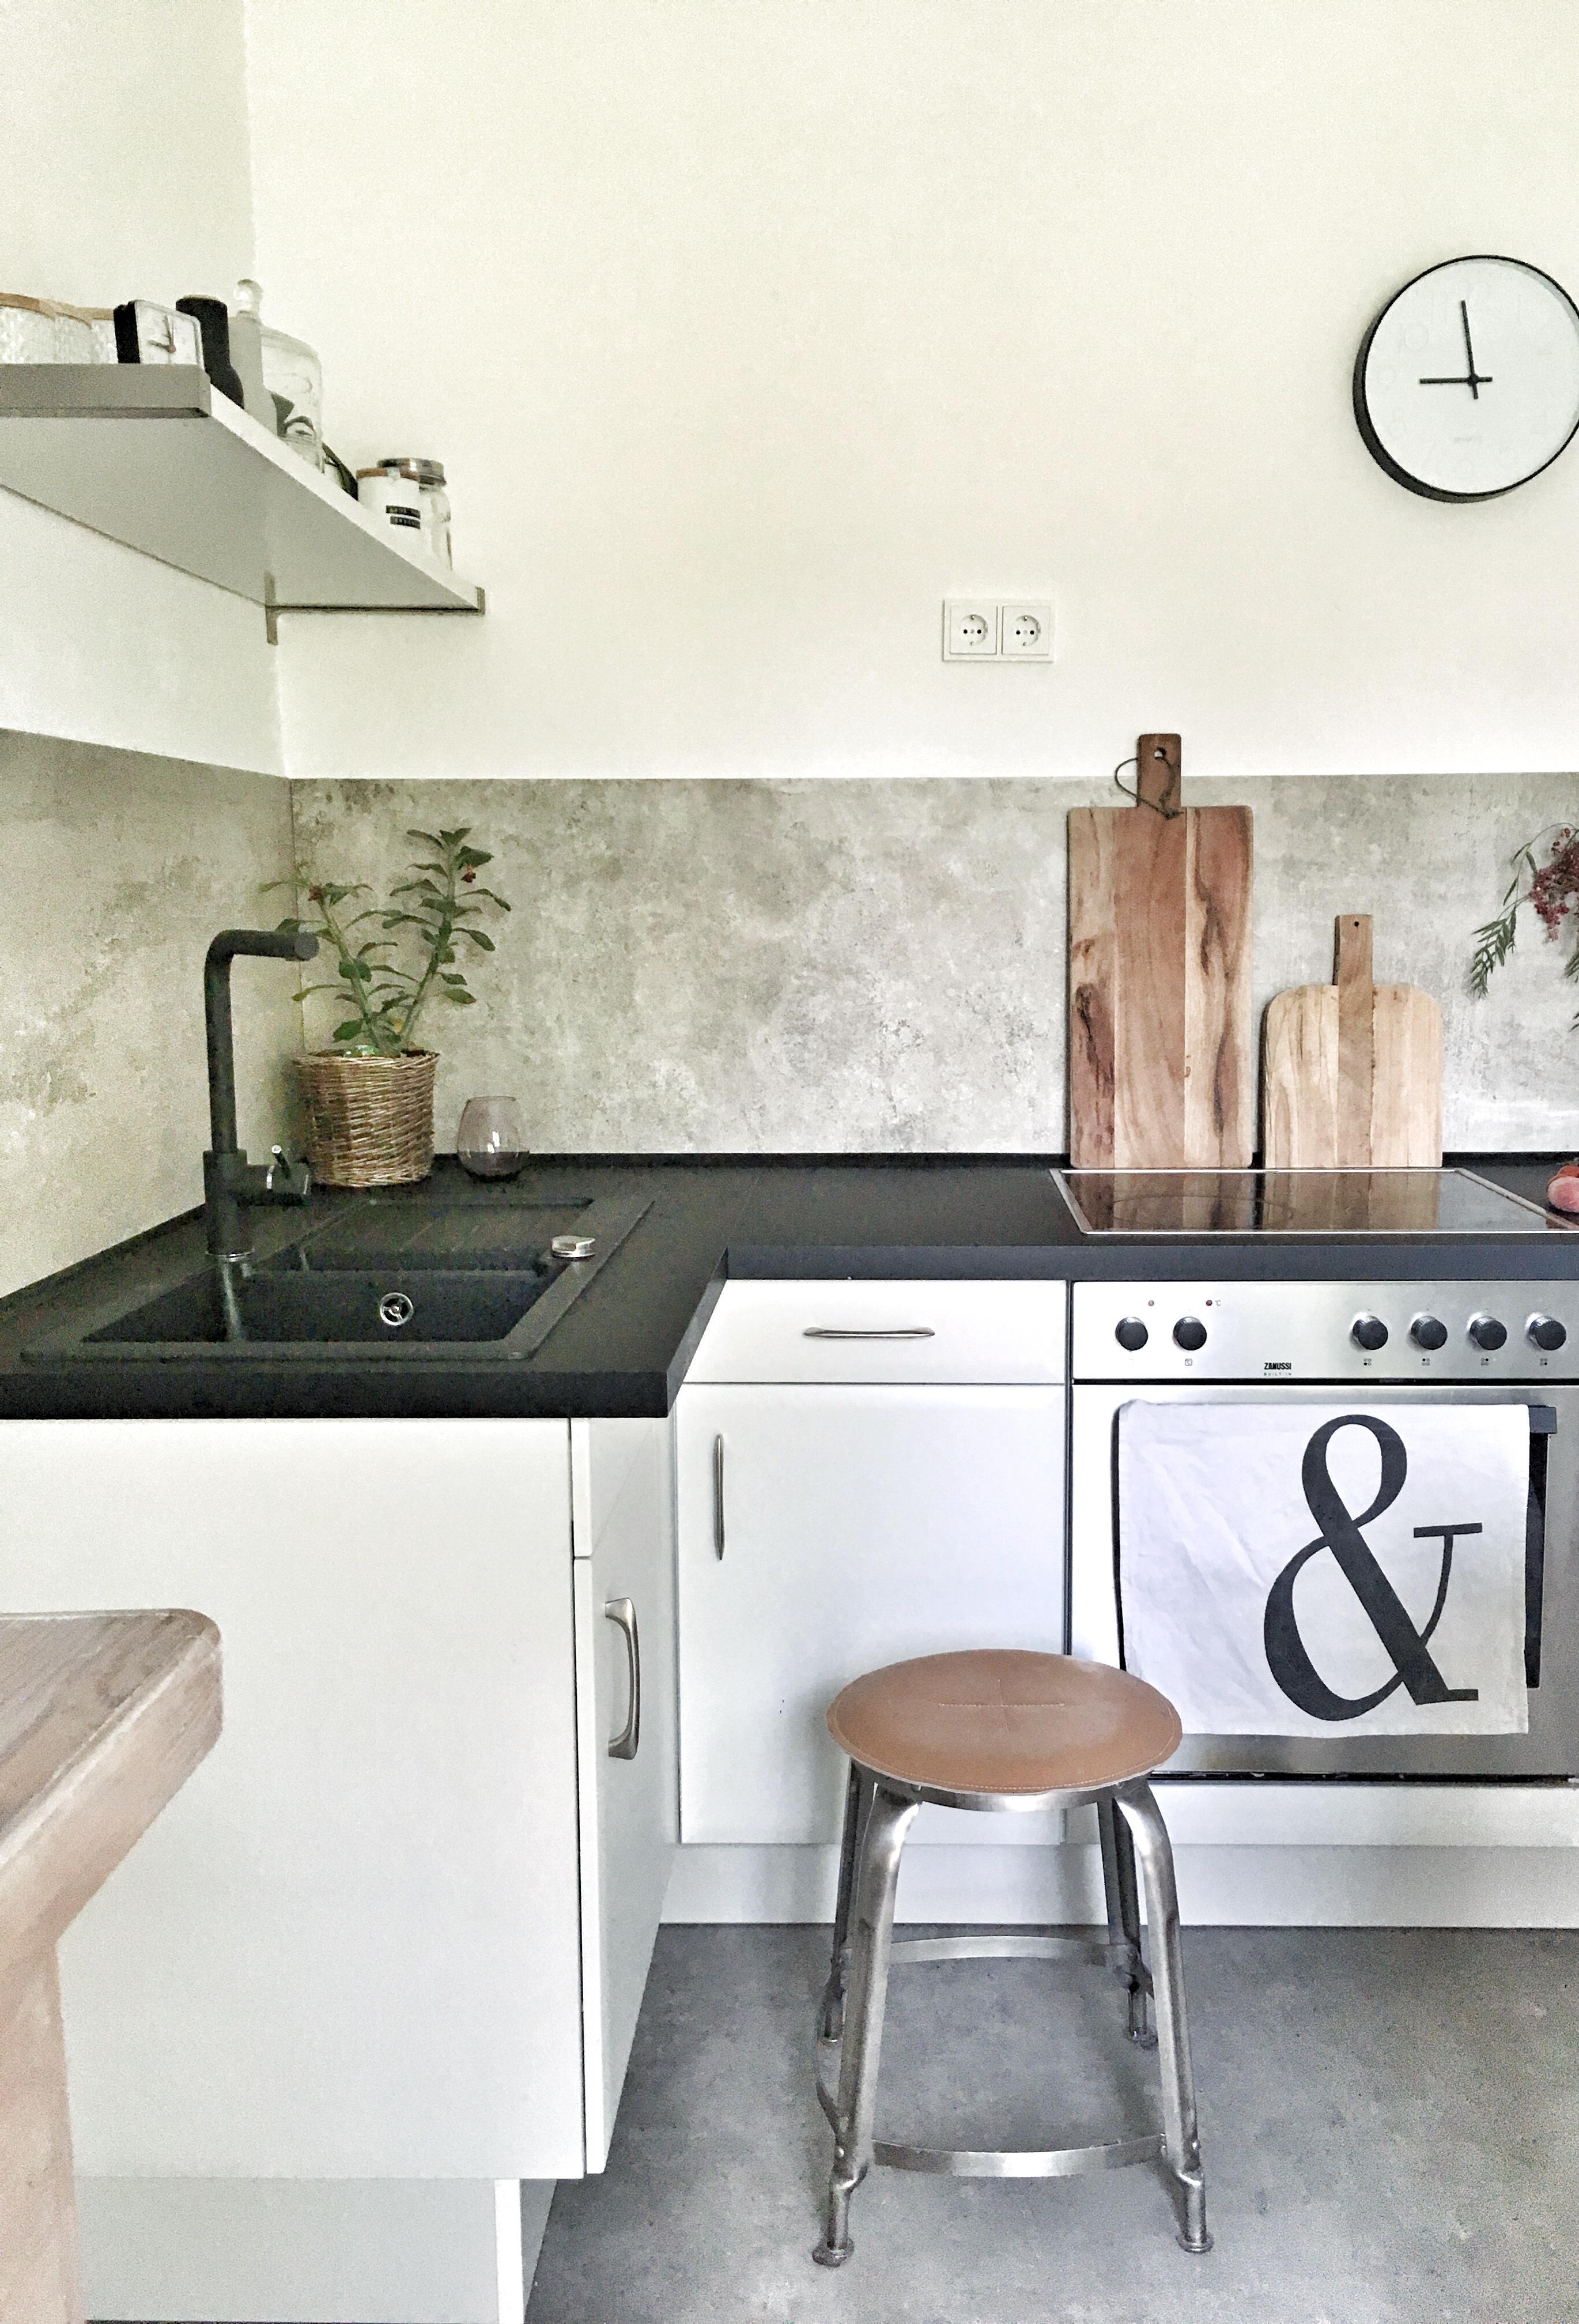 Ziemlich Küche Und Bad Speichert Nyc Fotos - Küchenschrank Ideen ...